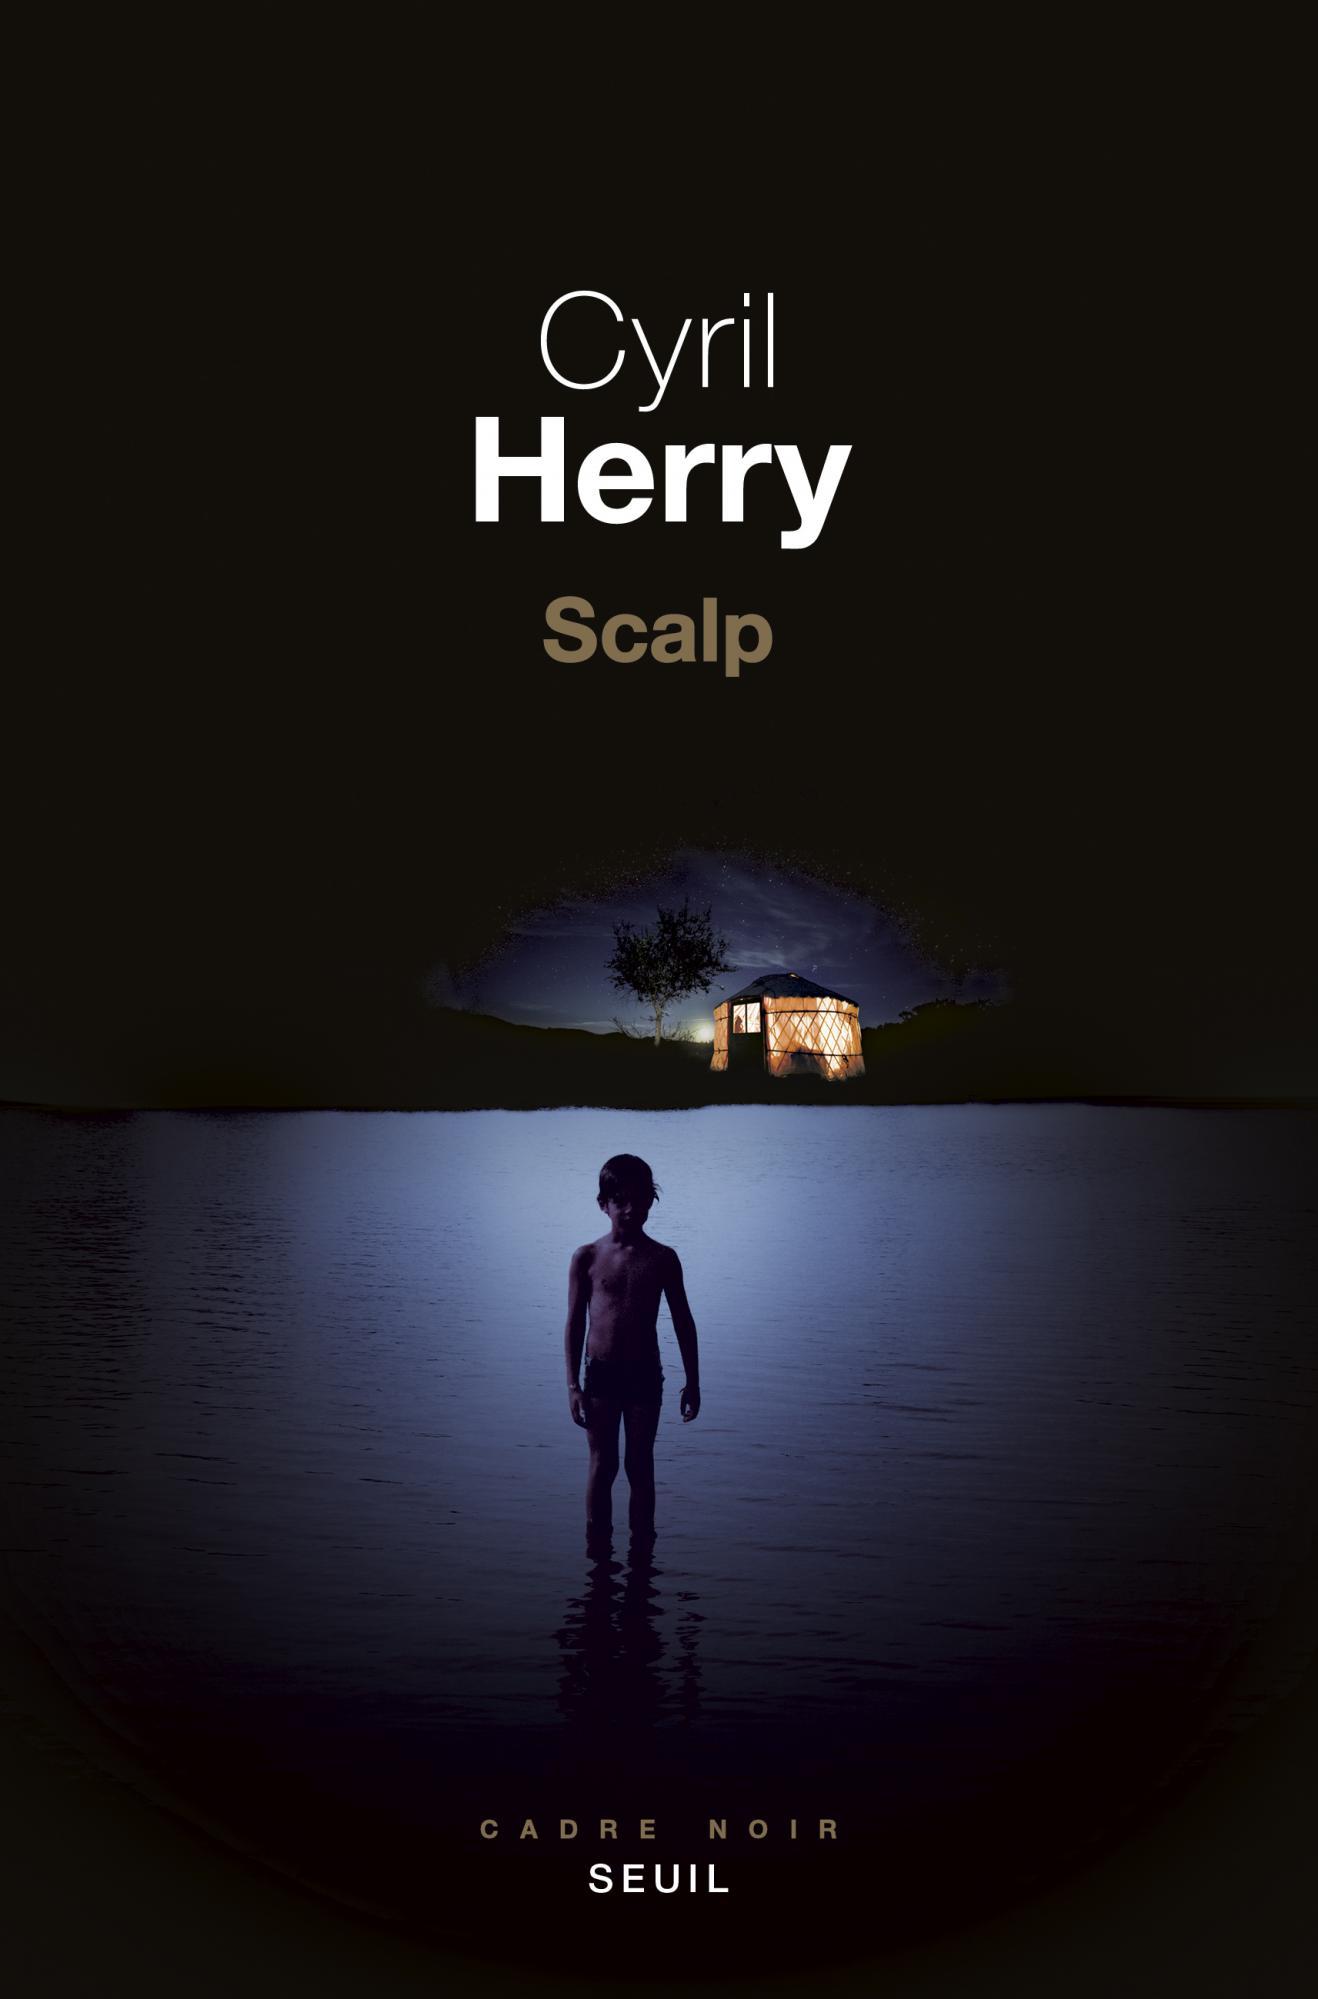 """Résultat de recherche d'images pour """"cyril herry scalp"""""""